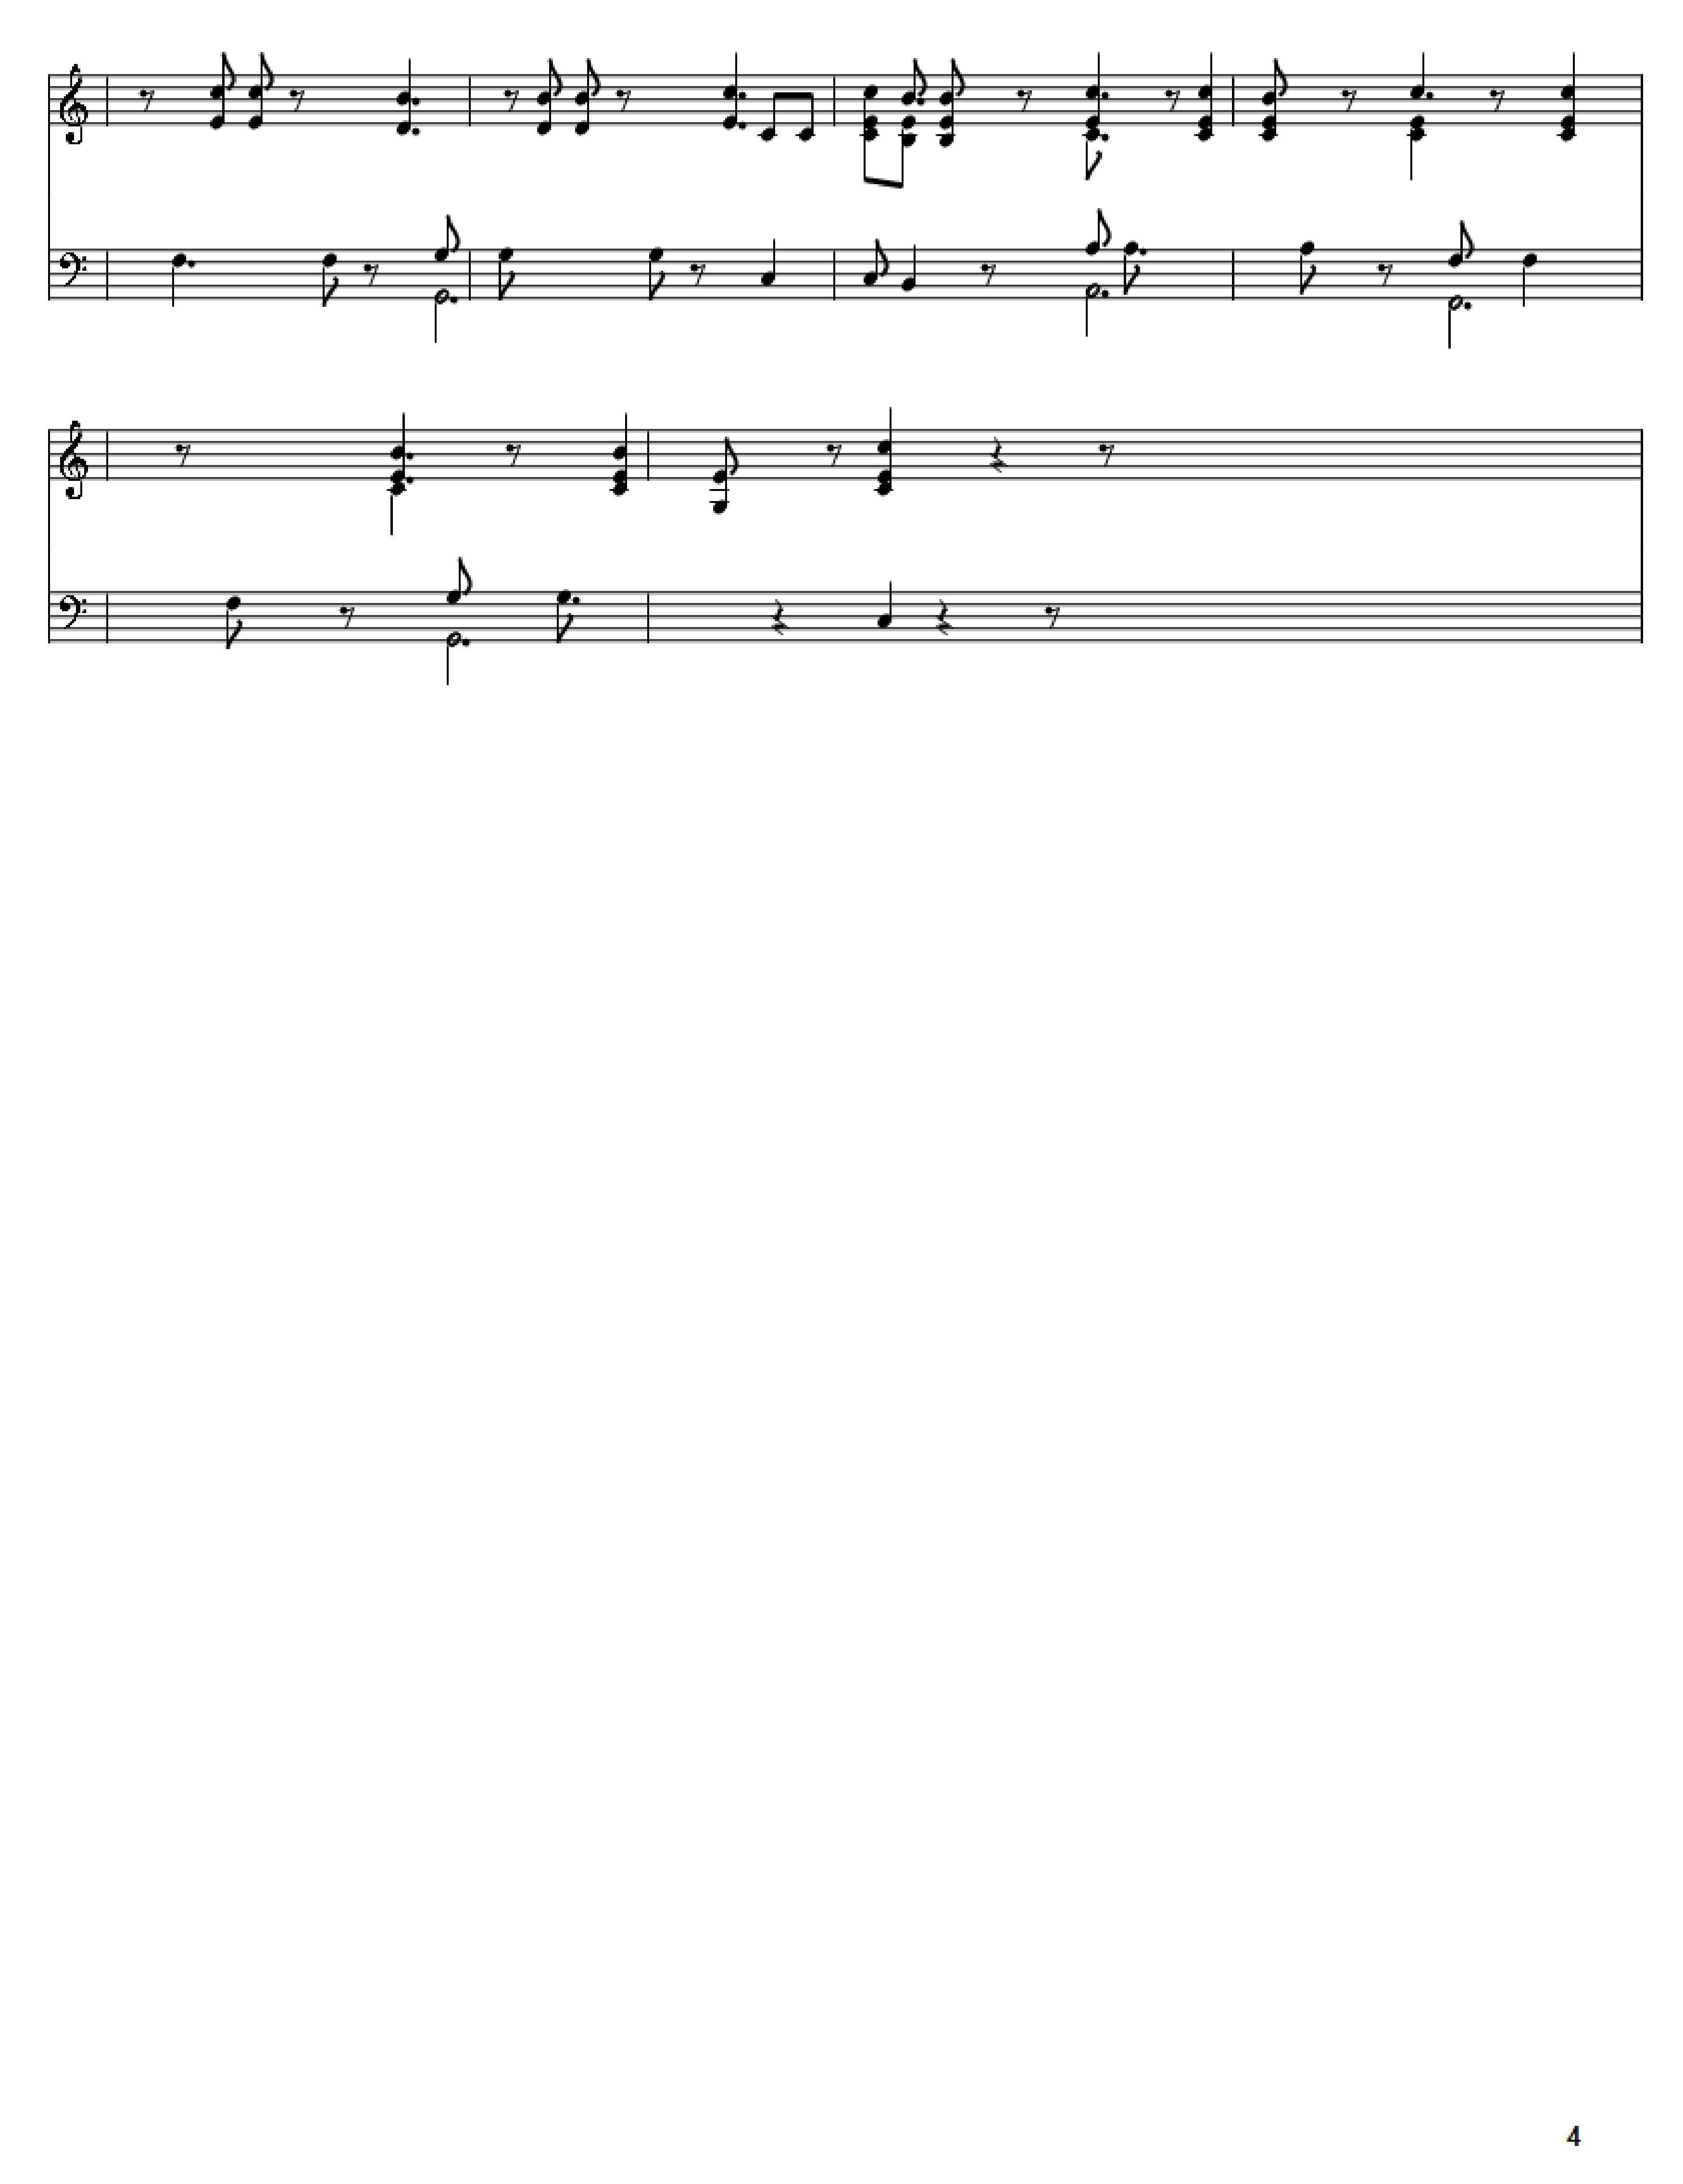 流行歌曲,钢琴简谱:独角戏演唱:许茹芸是谁导演这场戏在这孤单角